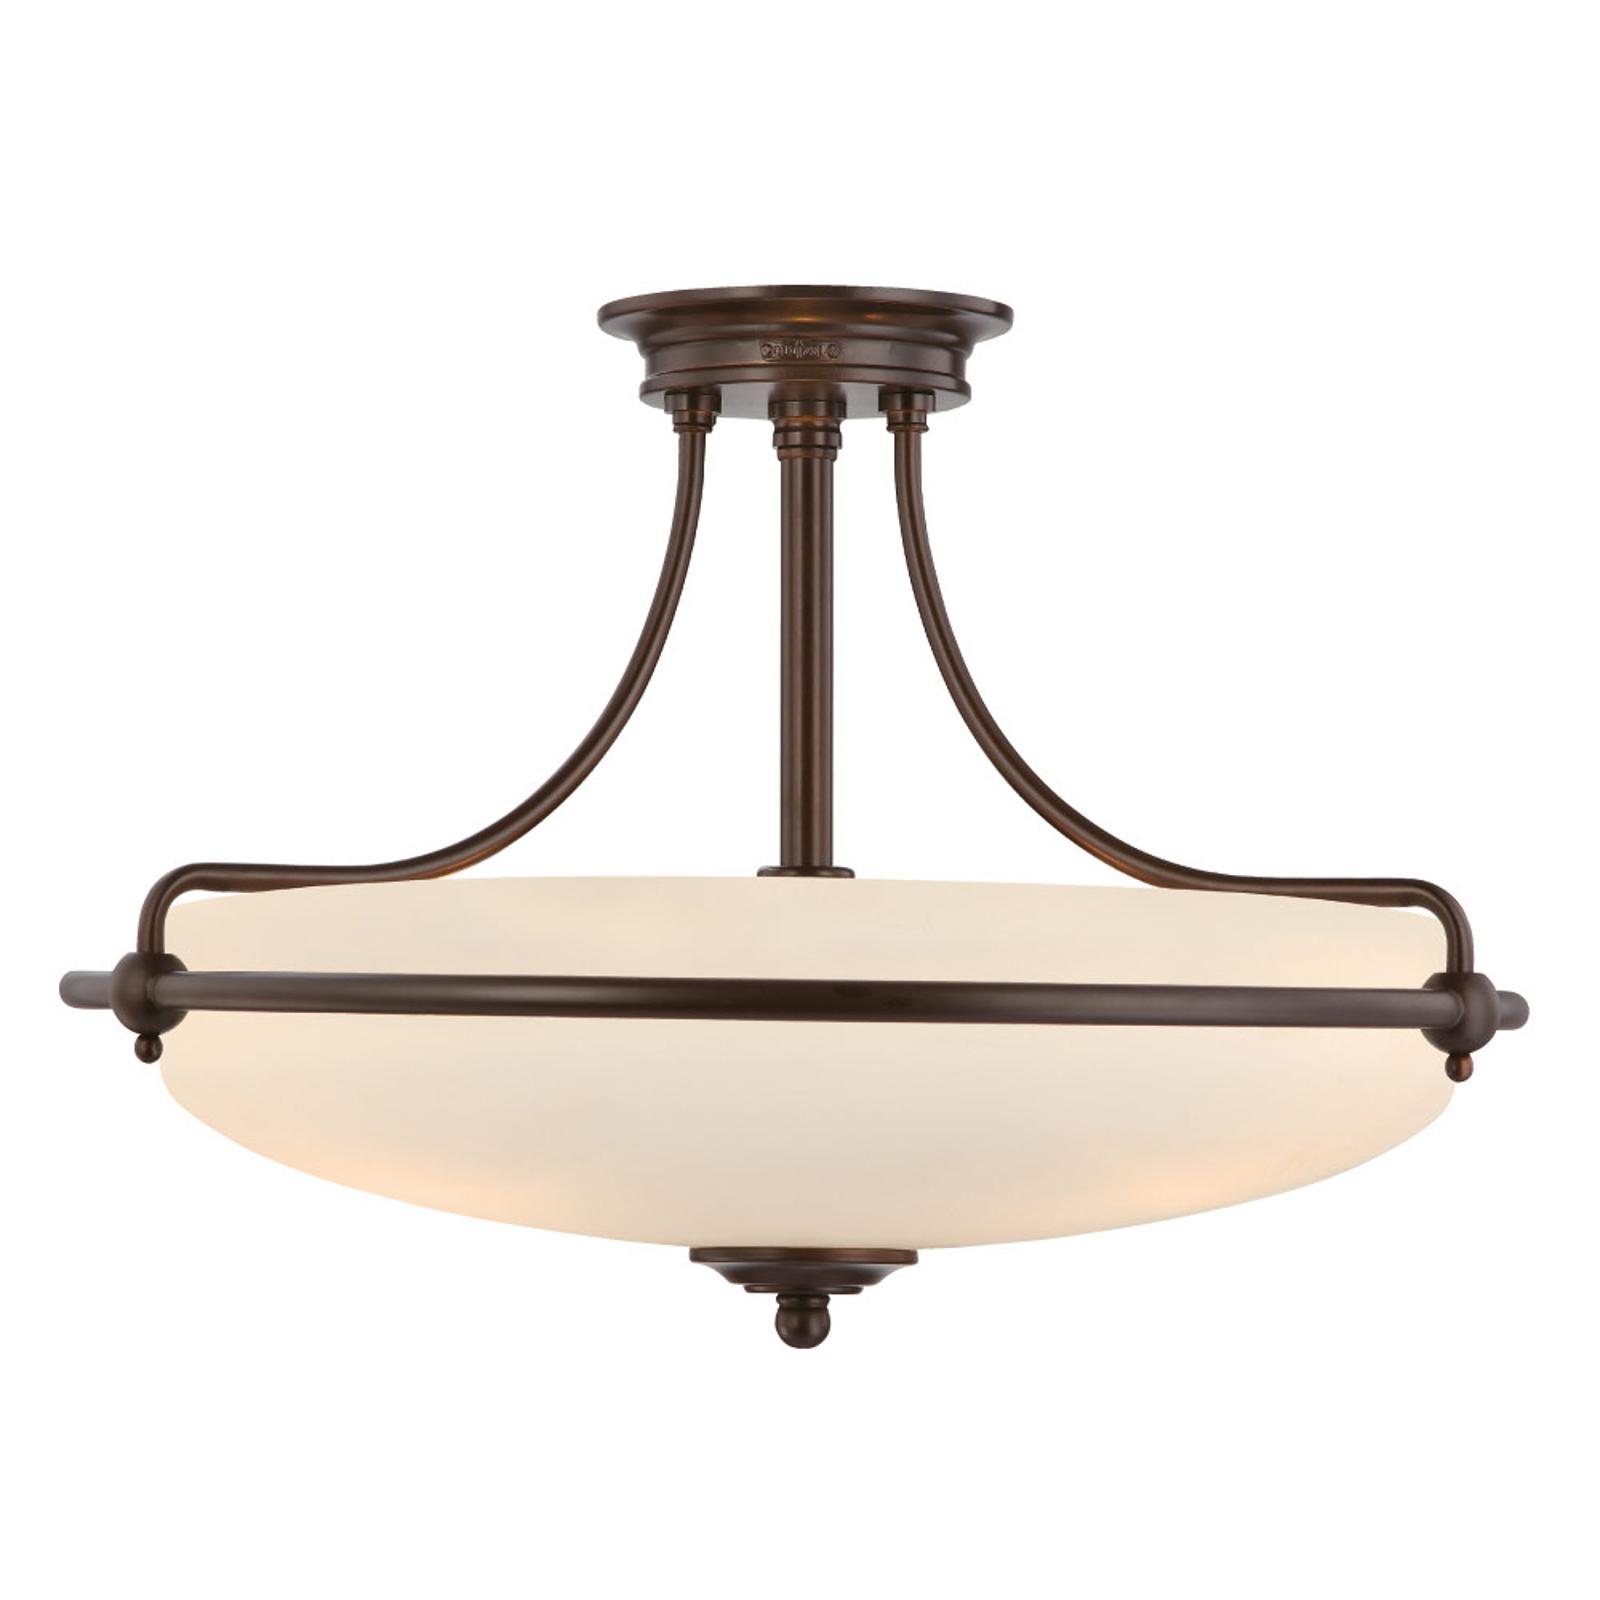 Lampa sufitowa Griffin z dystansem, brązowa, Ø53cm